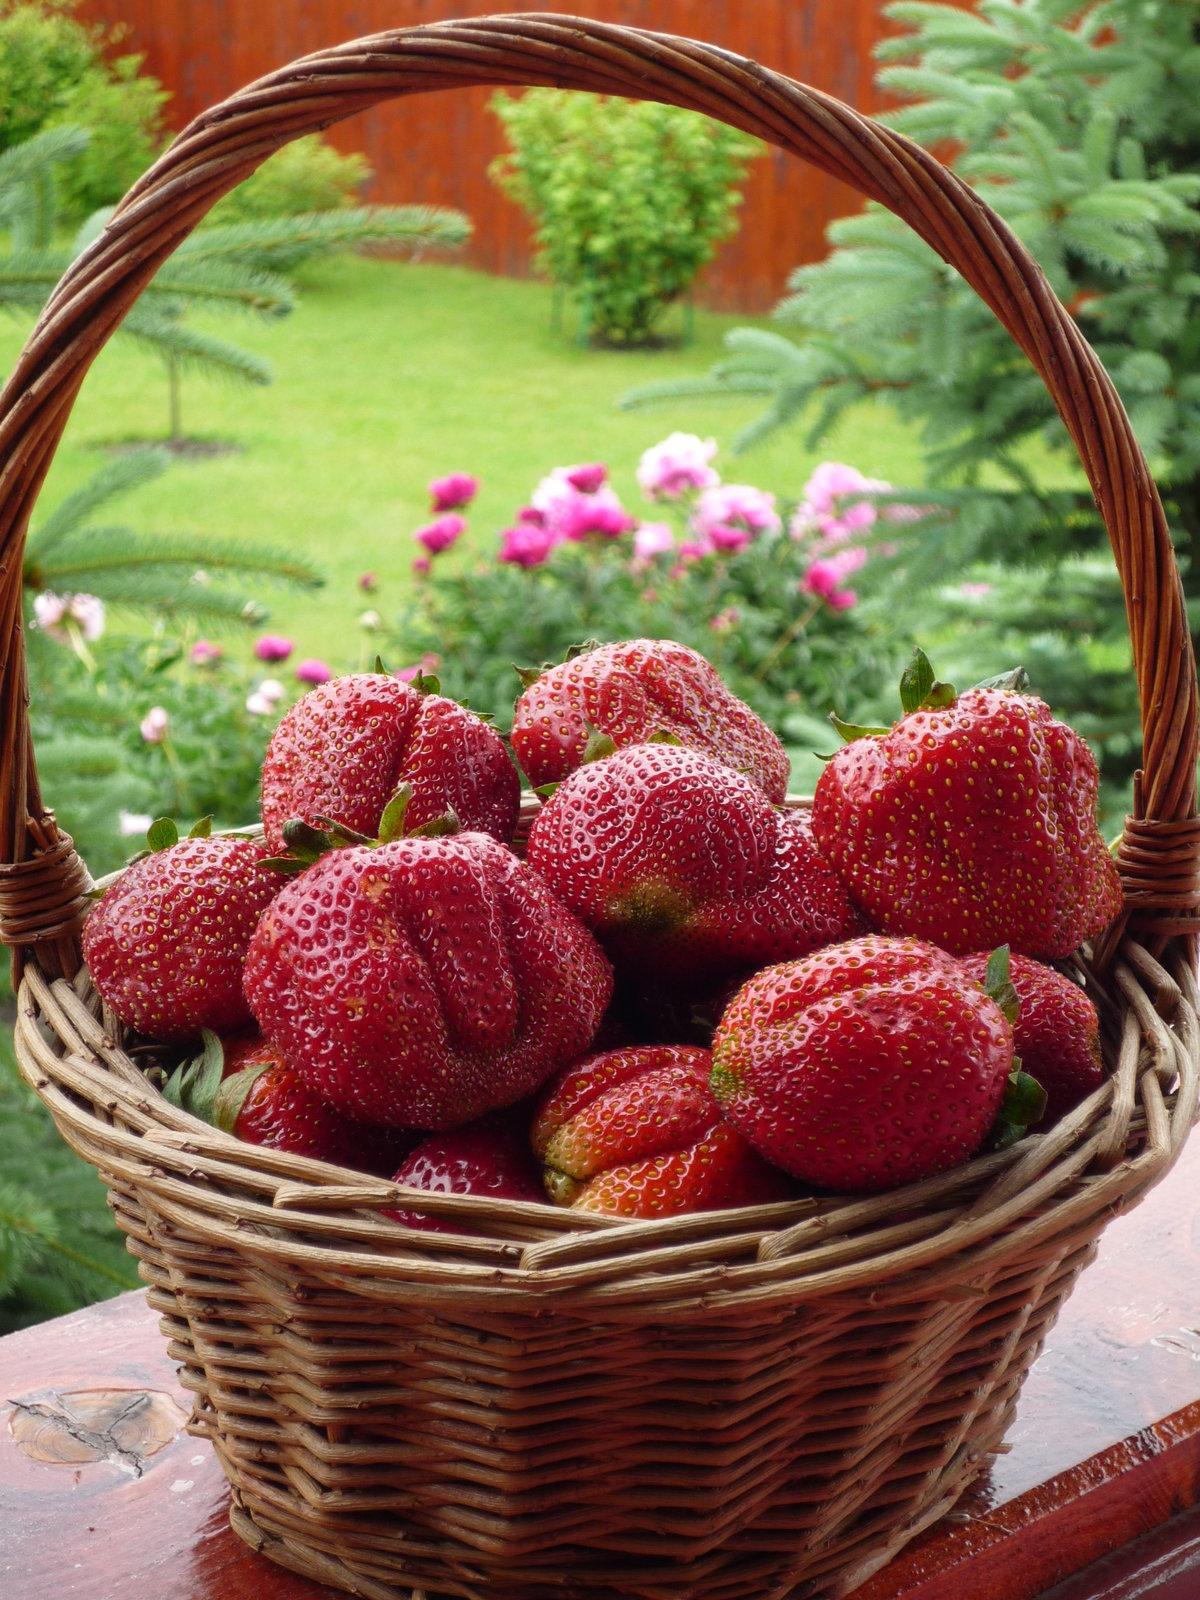 картинки июньские ягоды явно